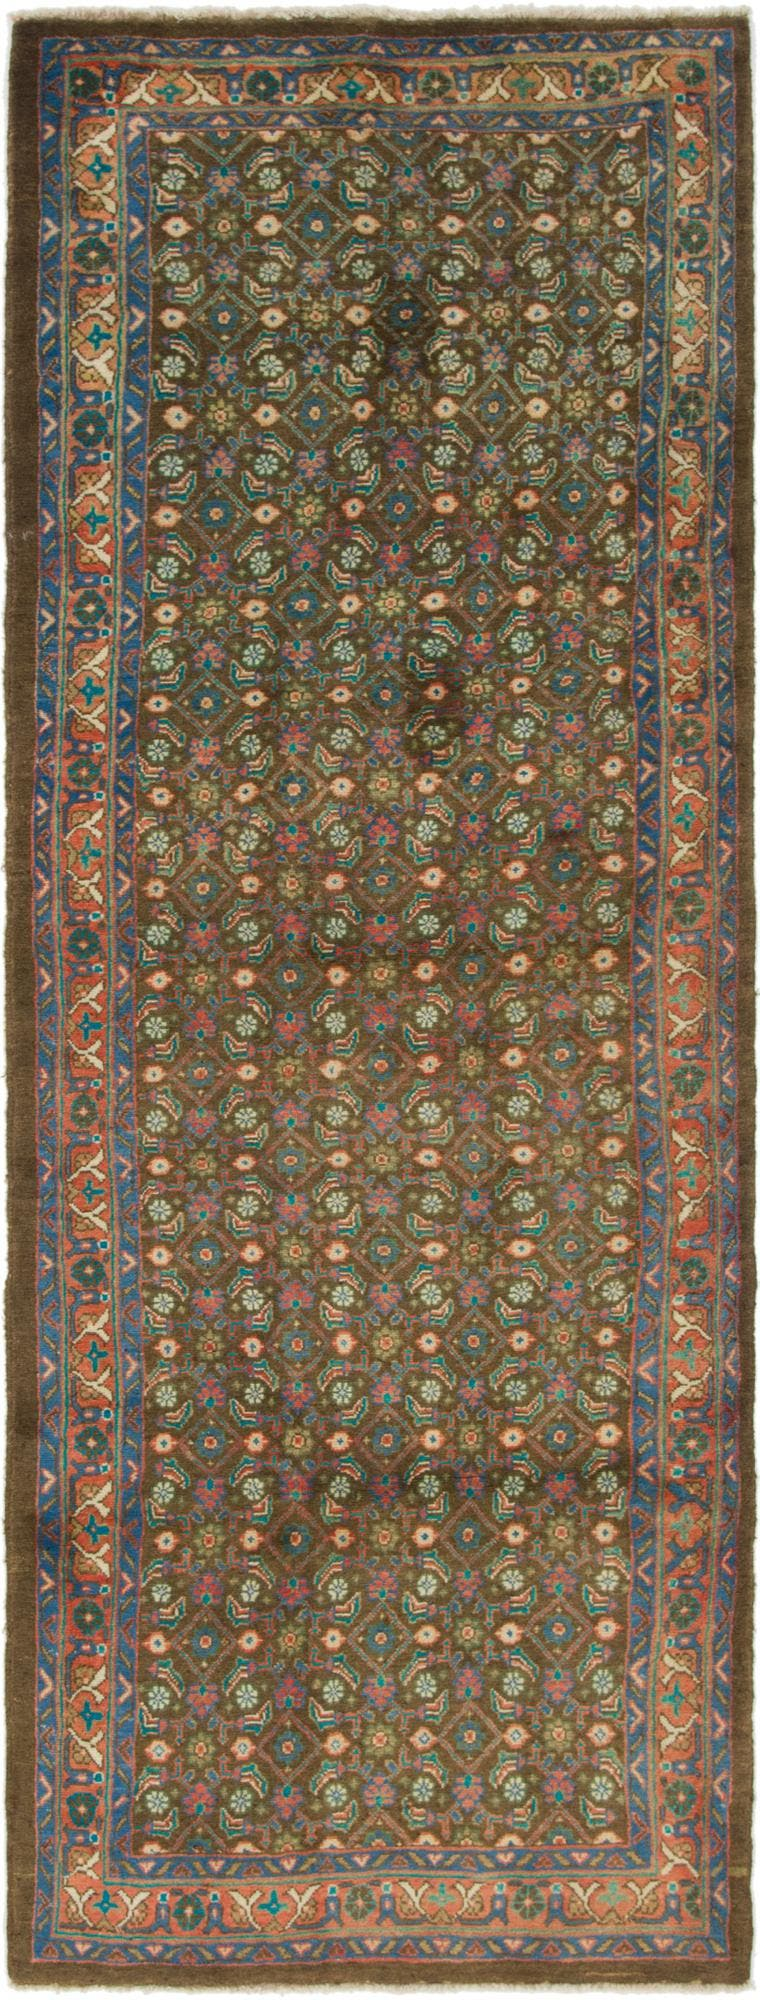 3' 7 x 10' 5 Farahan Persian Runner Rug main image